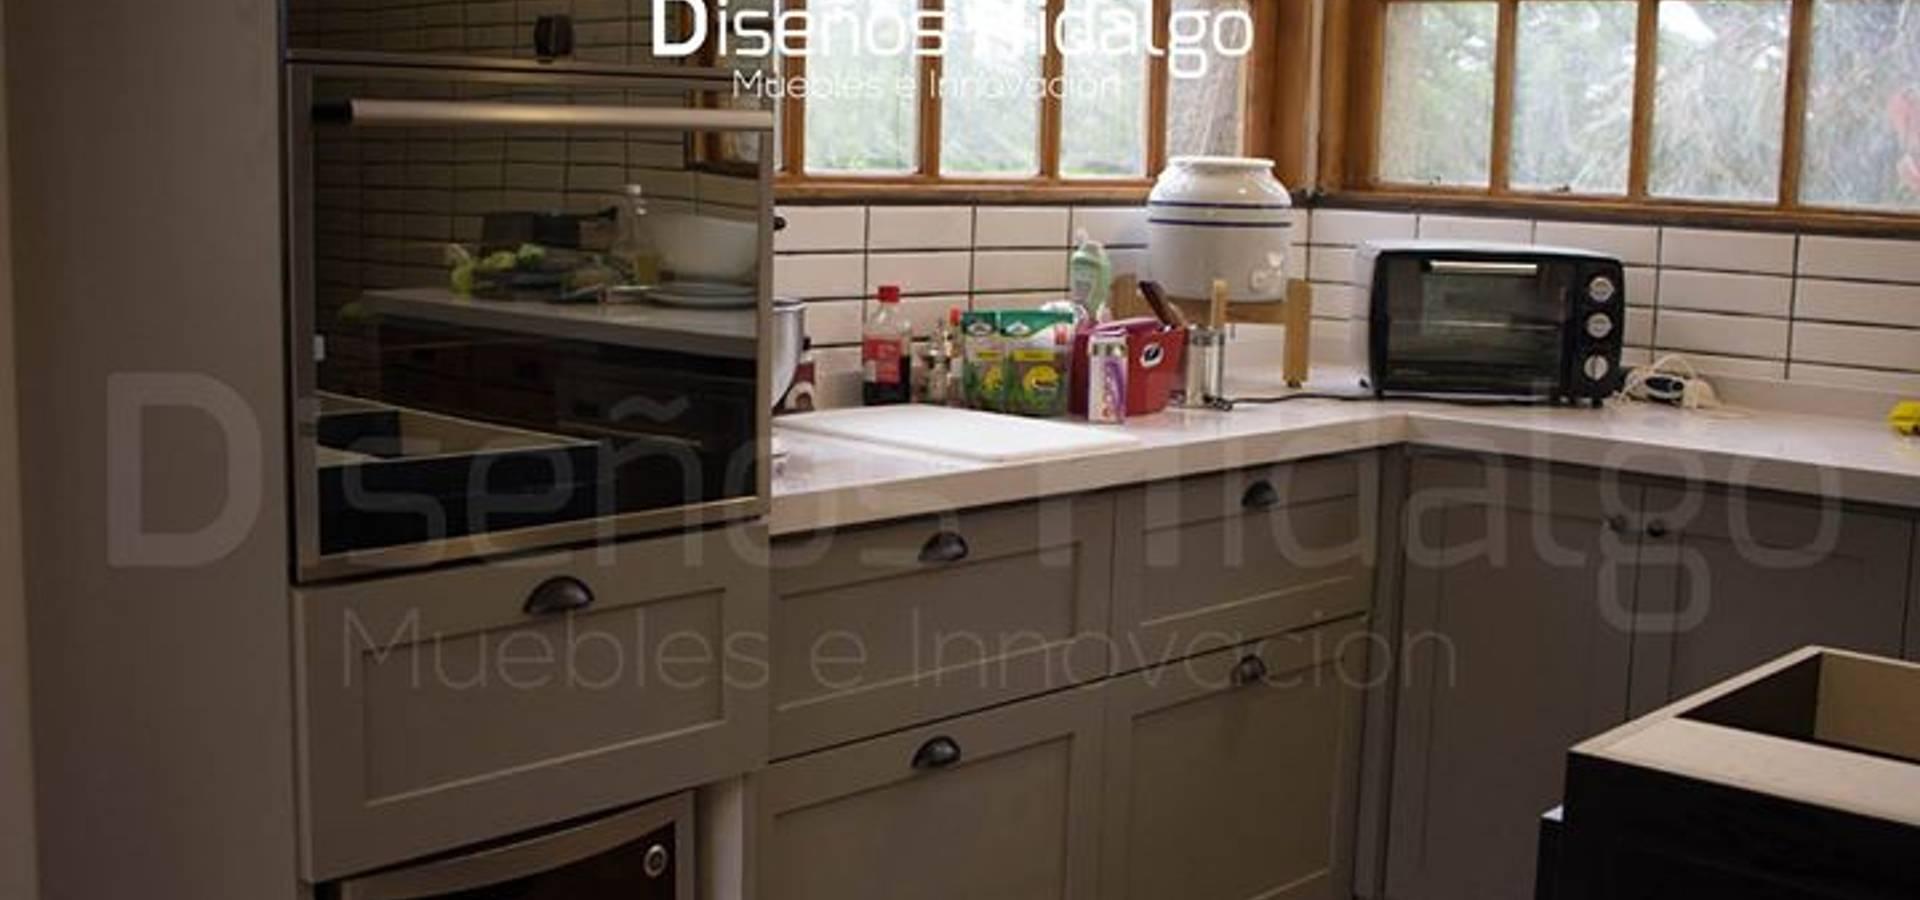 Diseños Hidalgo